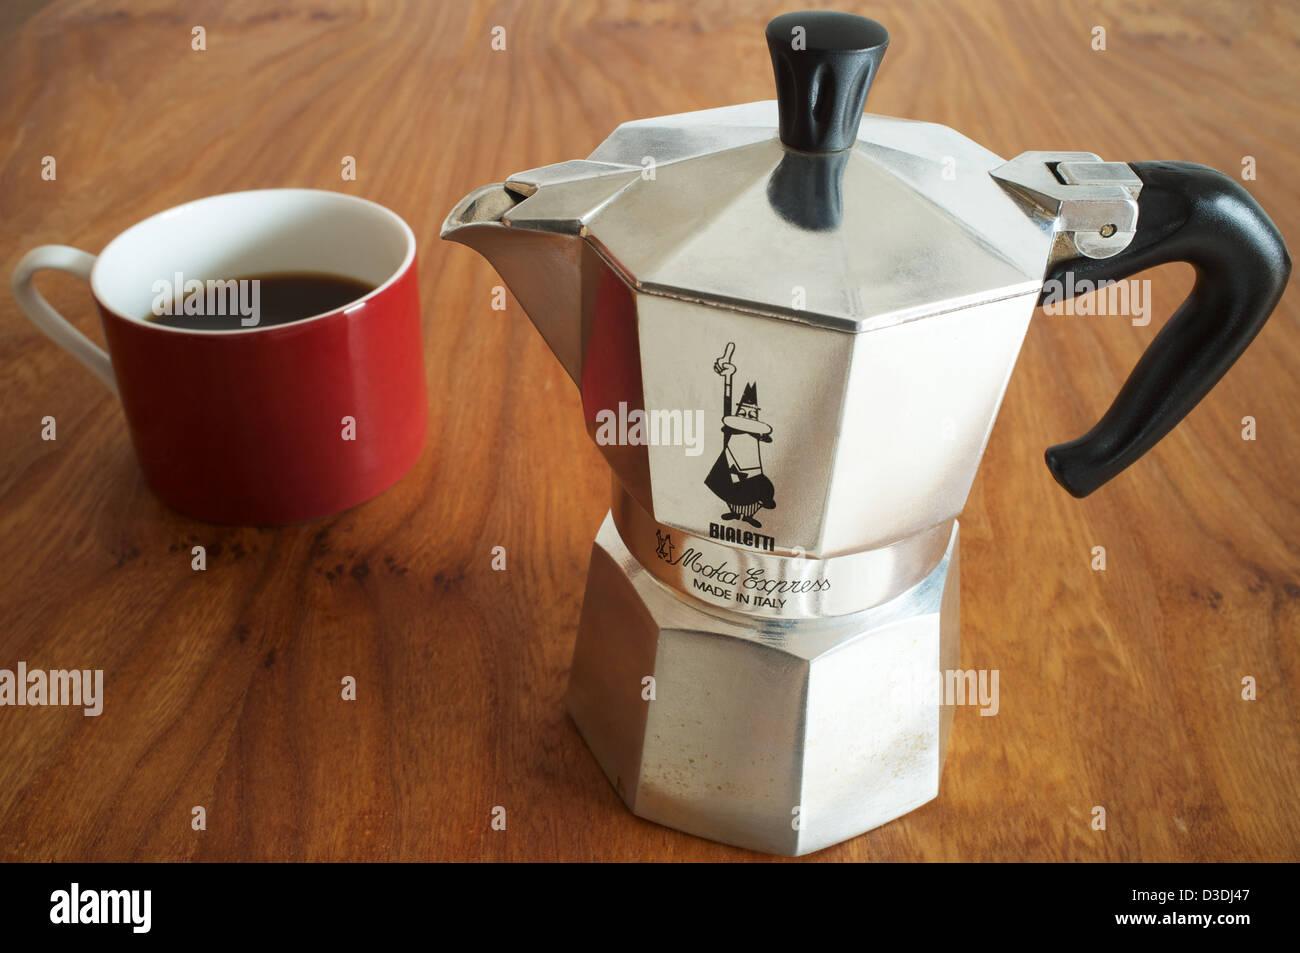 Bialetti moka express Italian coffee pot - Stock Image